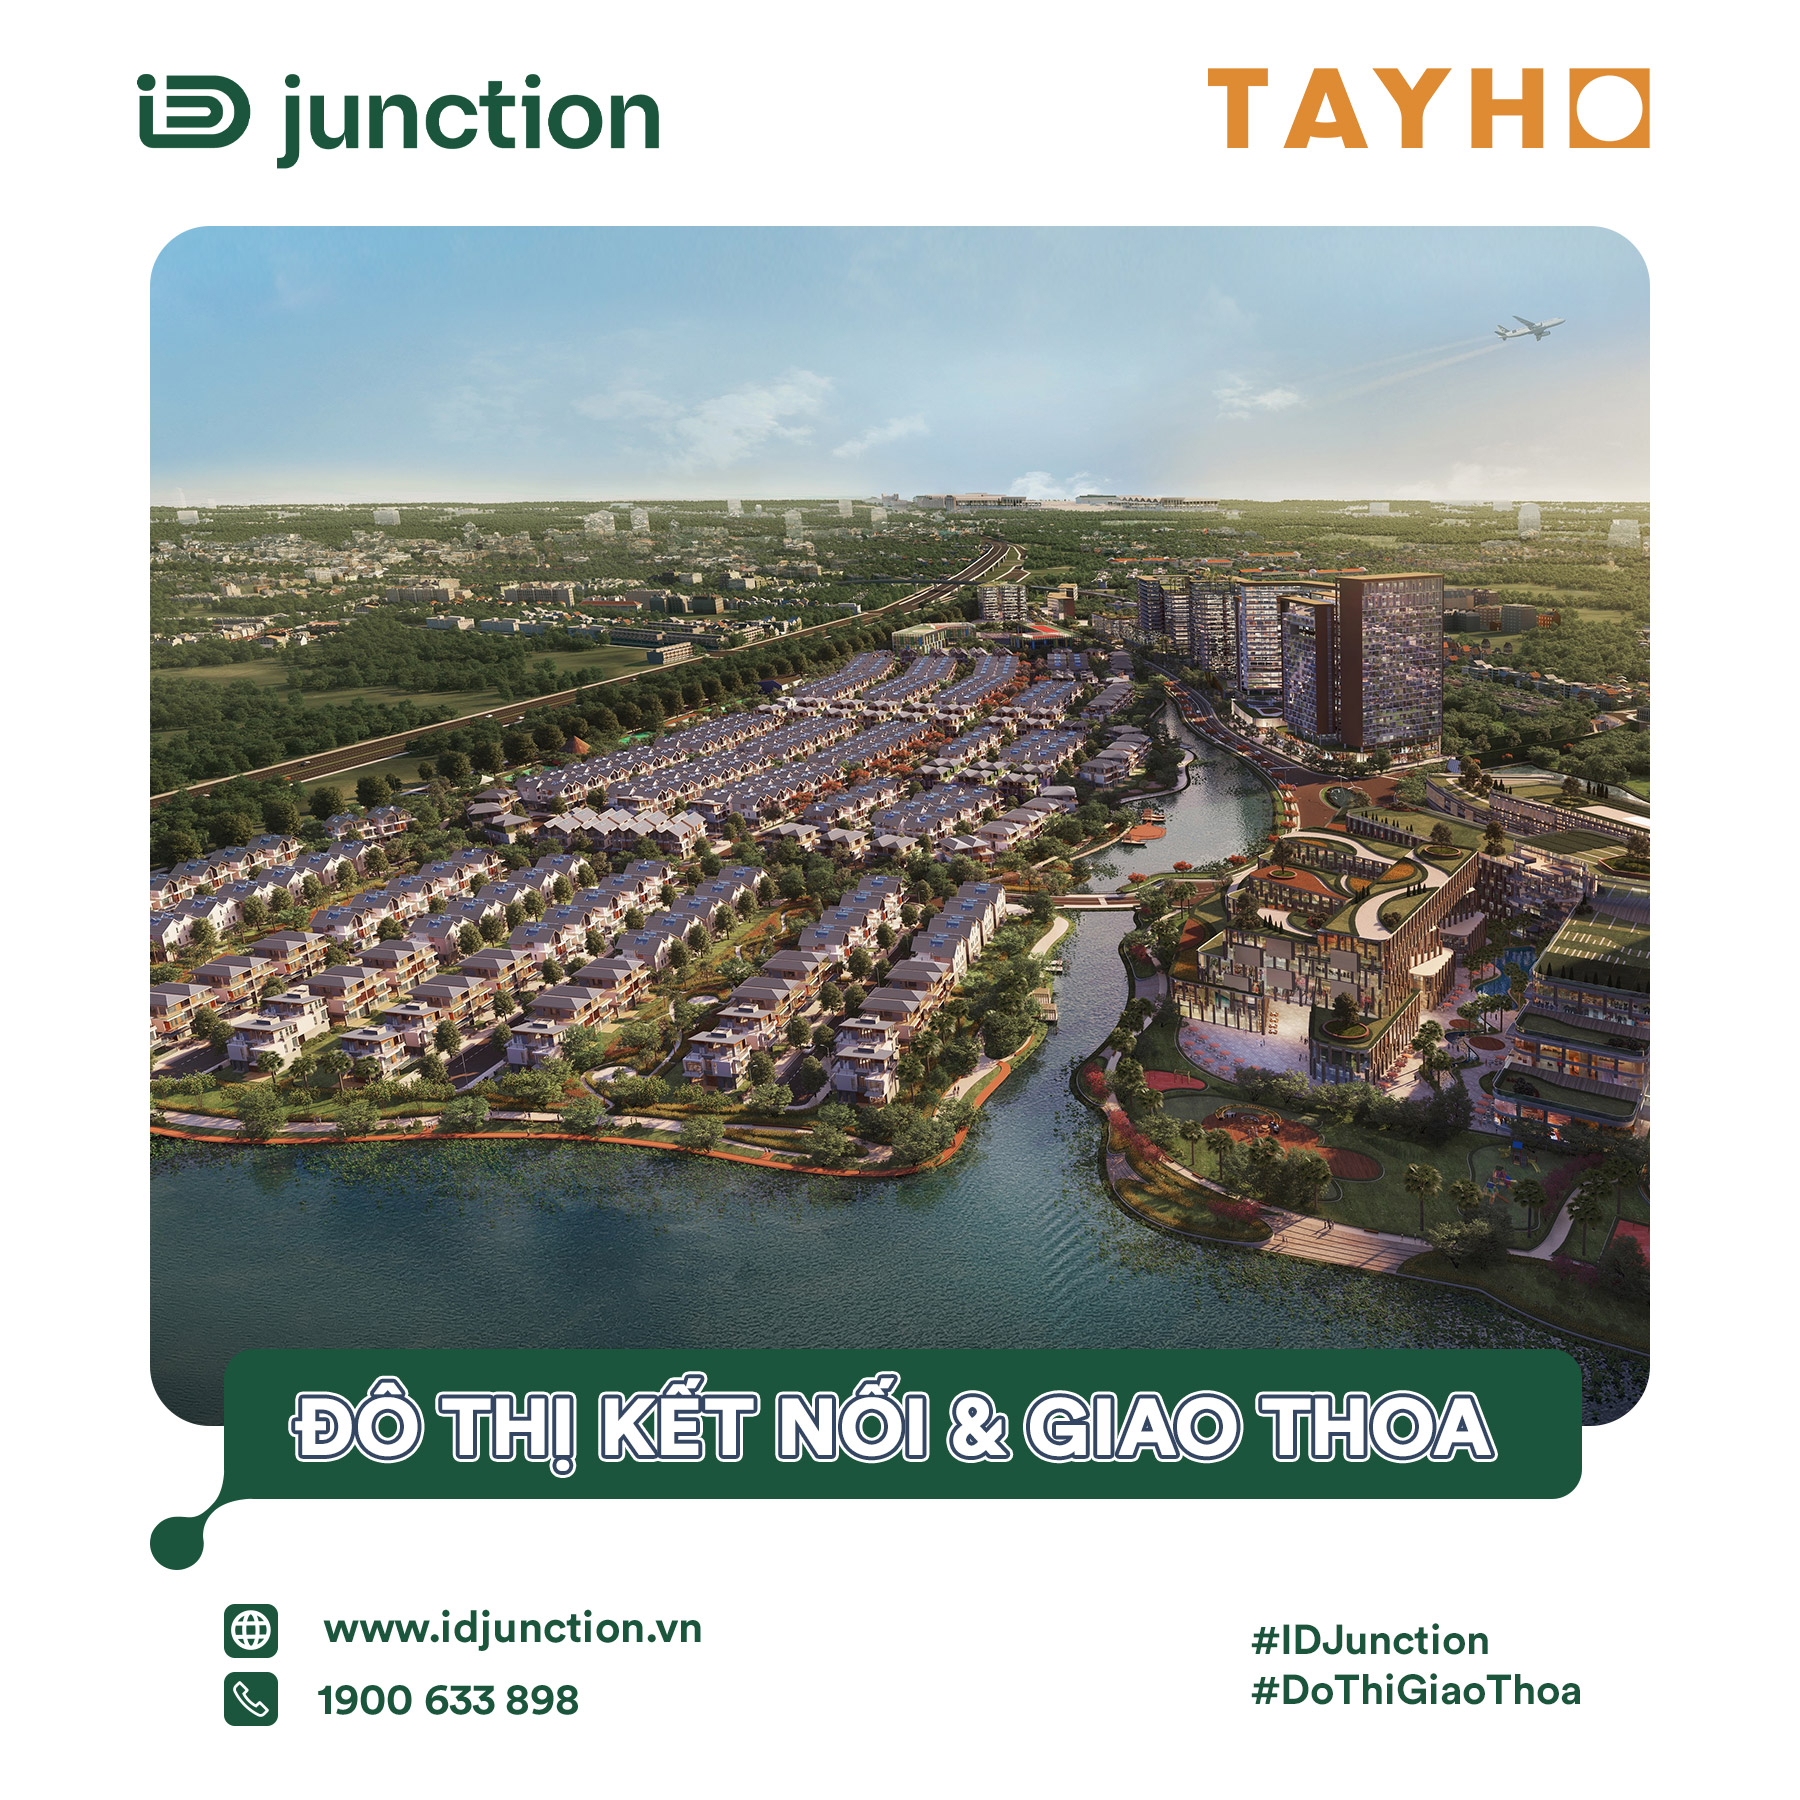 ID Junction - Dự án dẫn đầu xu hướng khu đô thị giao thoa